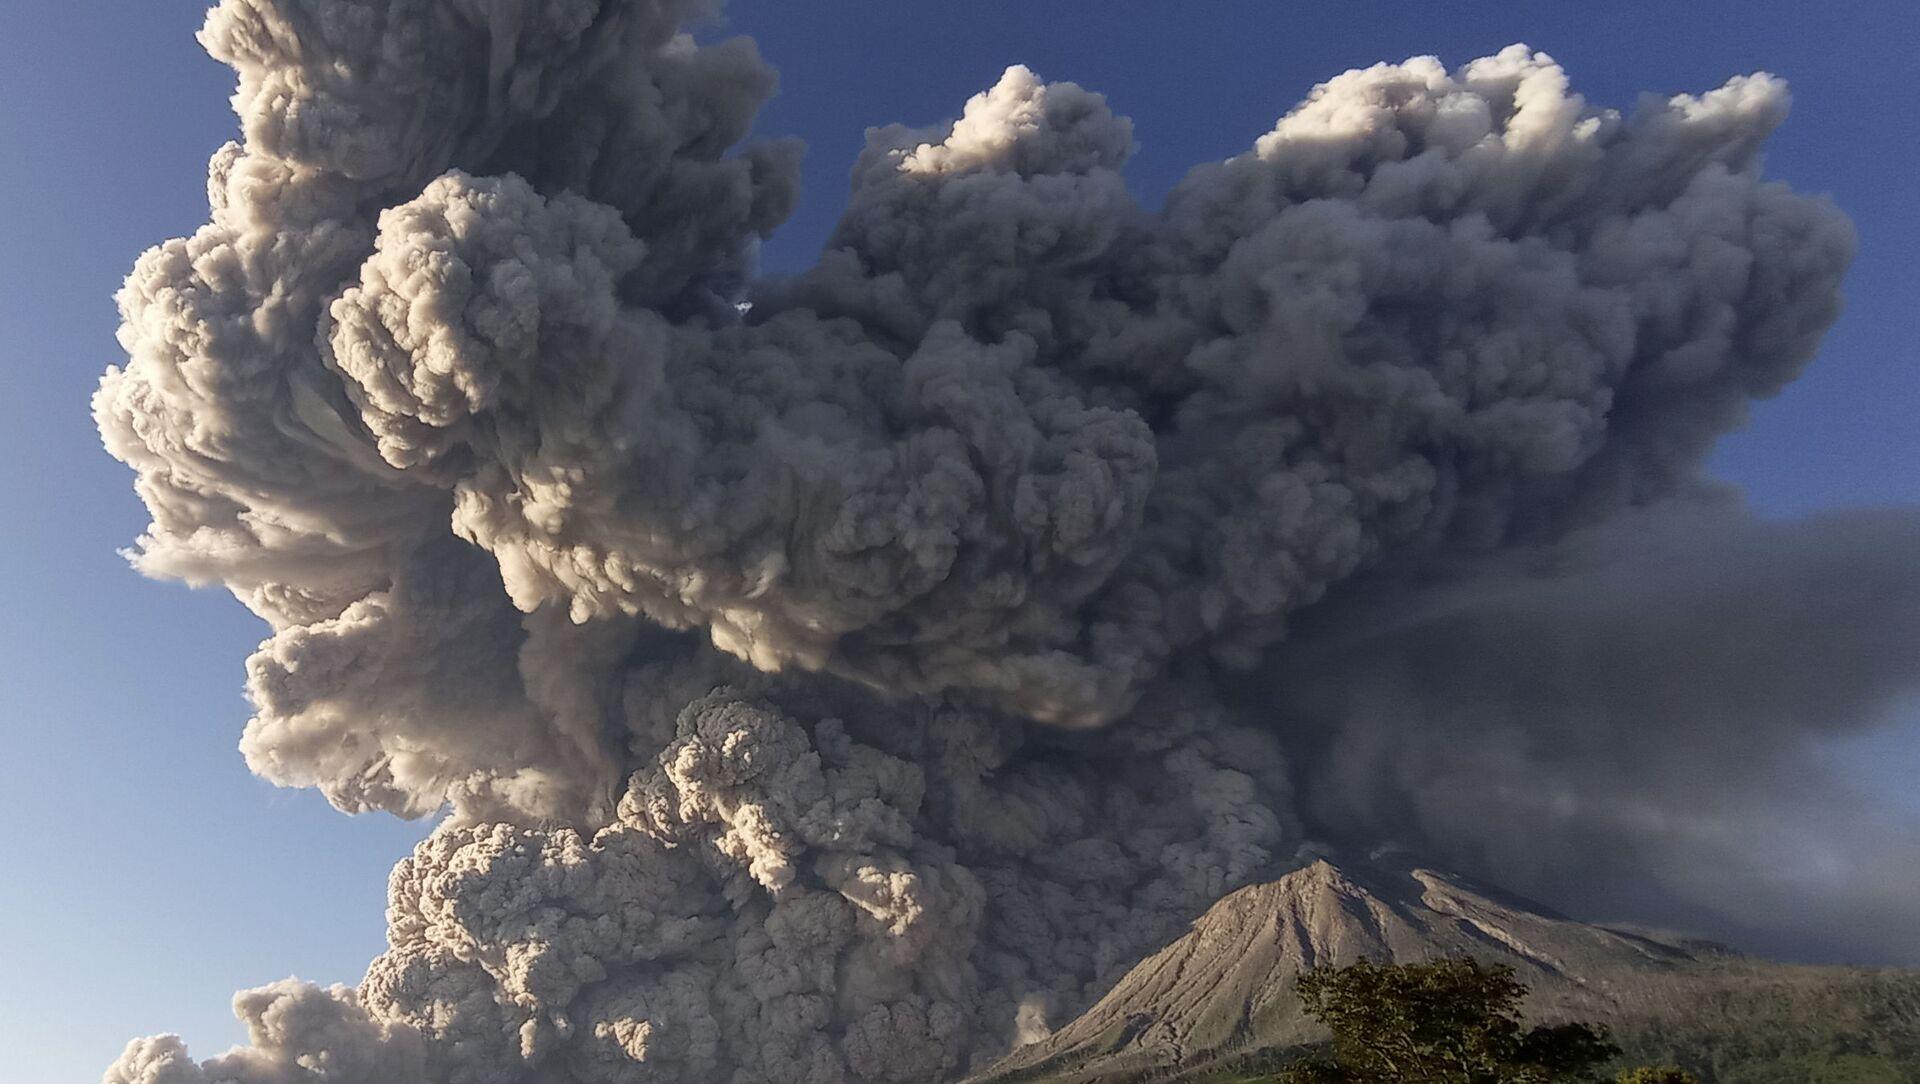 Endonezya'nın Sinabung Yanardağı yeniden kül püskürtmeye başladı - Sputnik Türkiye, 1920, 11.03.2021